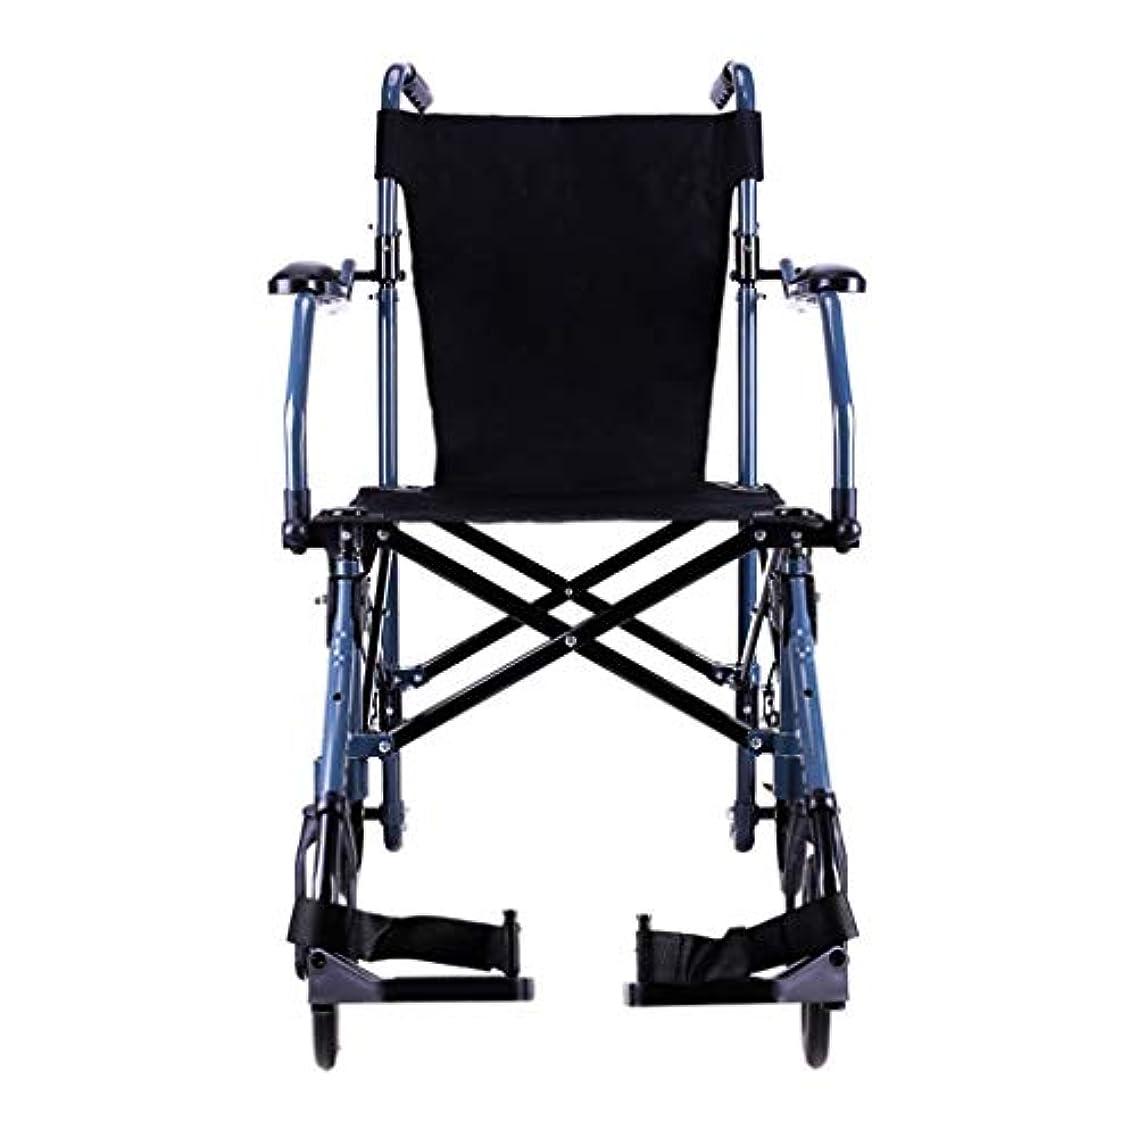 モニカからに変化する恥車椅子折りたたみポータブル旅行、高齢者、身体障害者用屋外旅行車椅子、スーツケース、飛行機などに設置可能